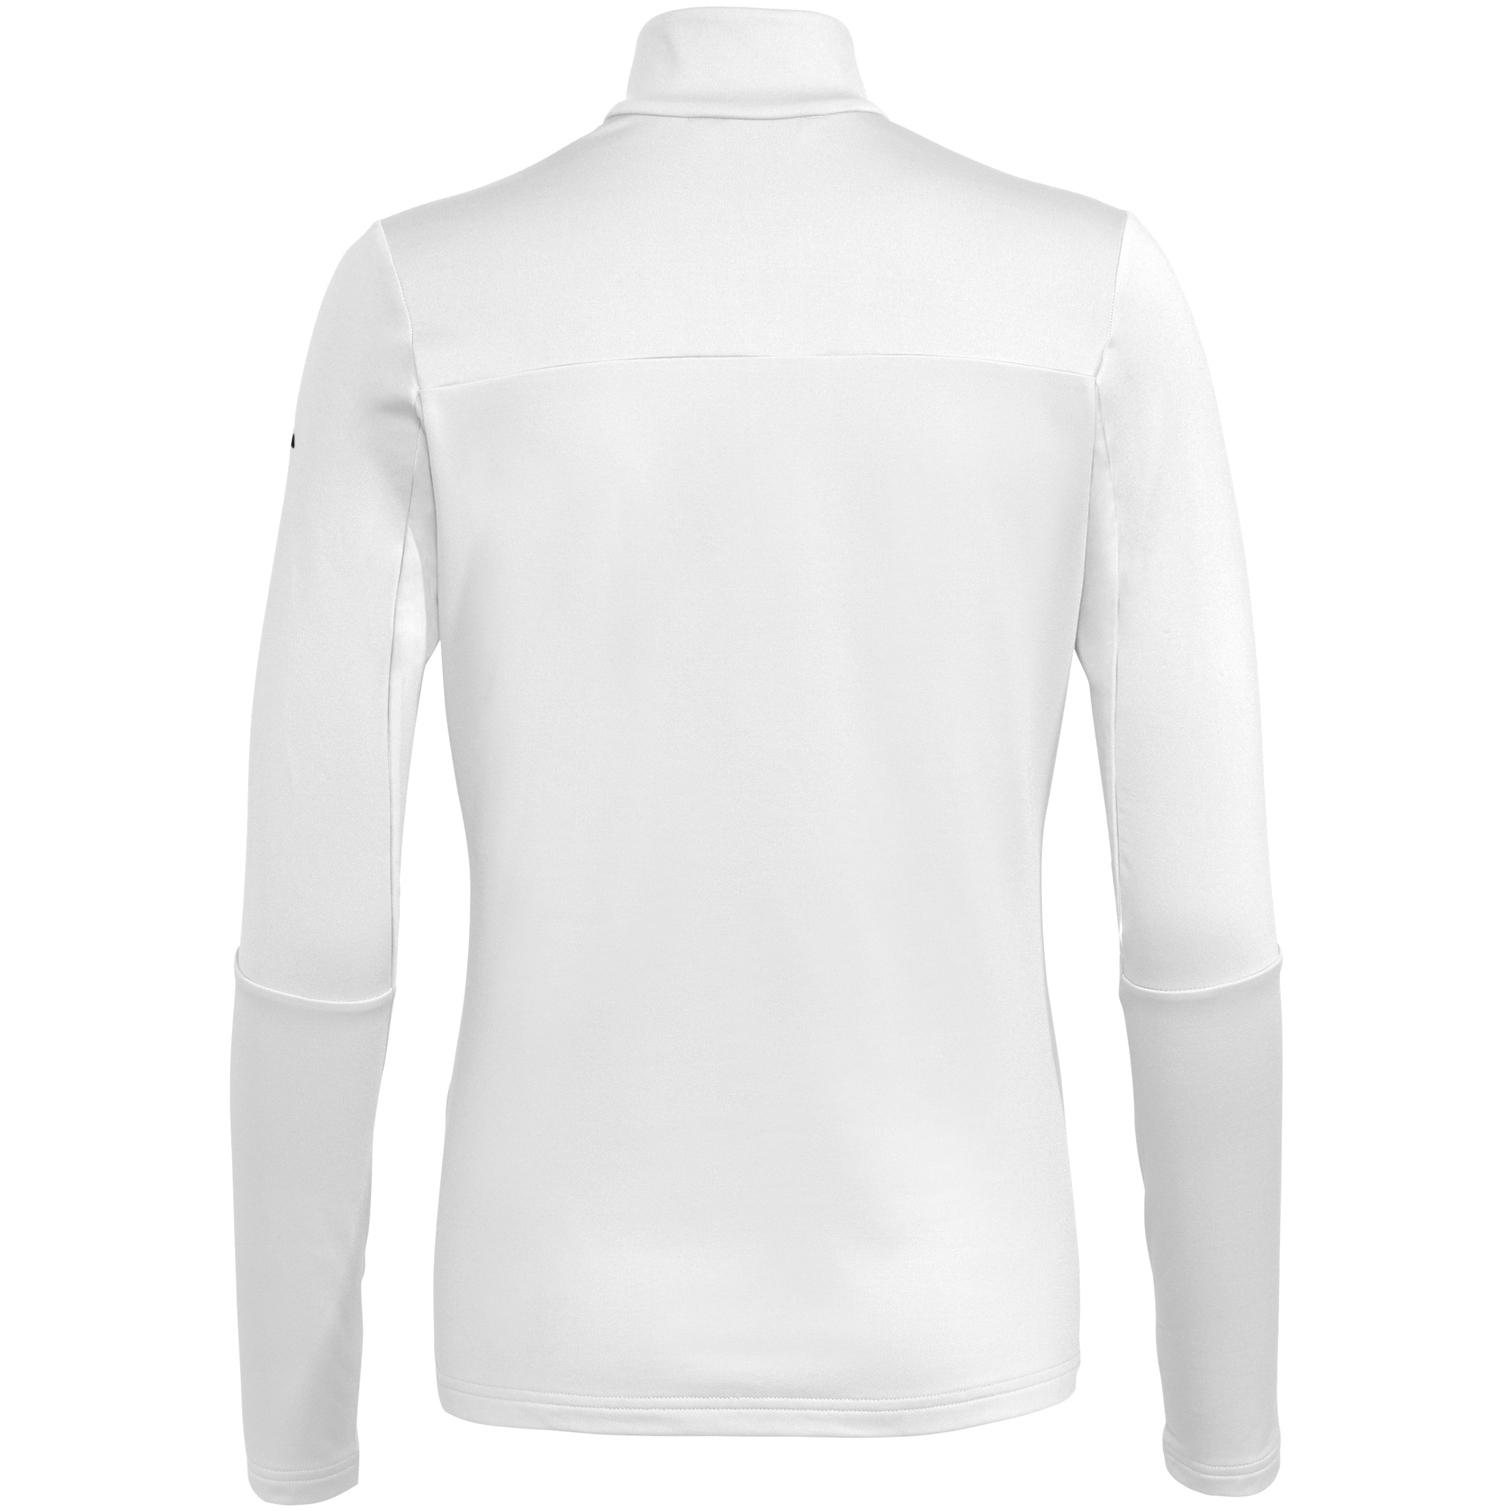 Bild von Vaude Livigno Halfzip II Damen Shirt - weiß